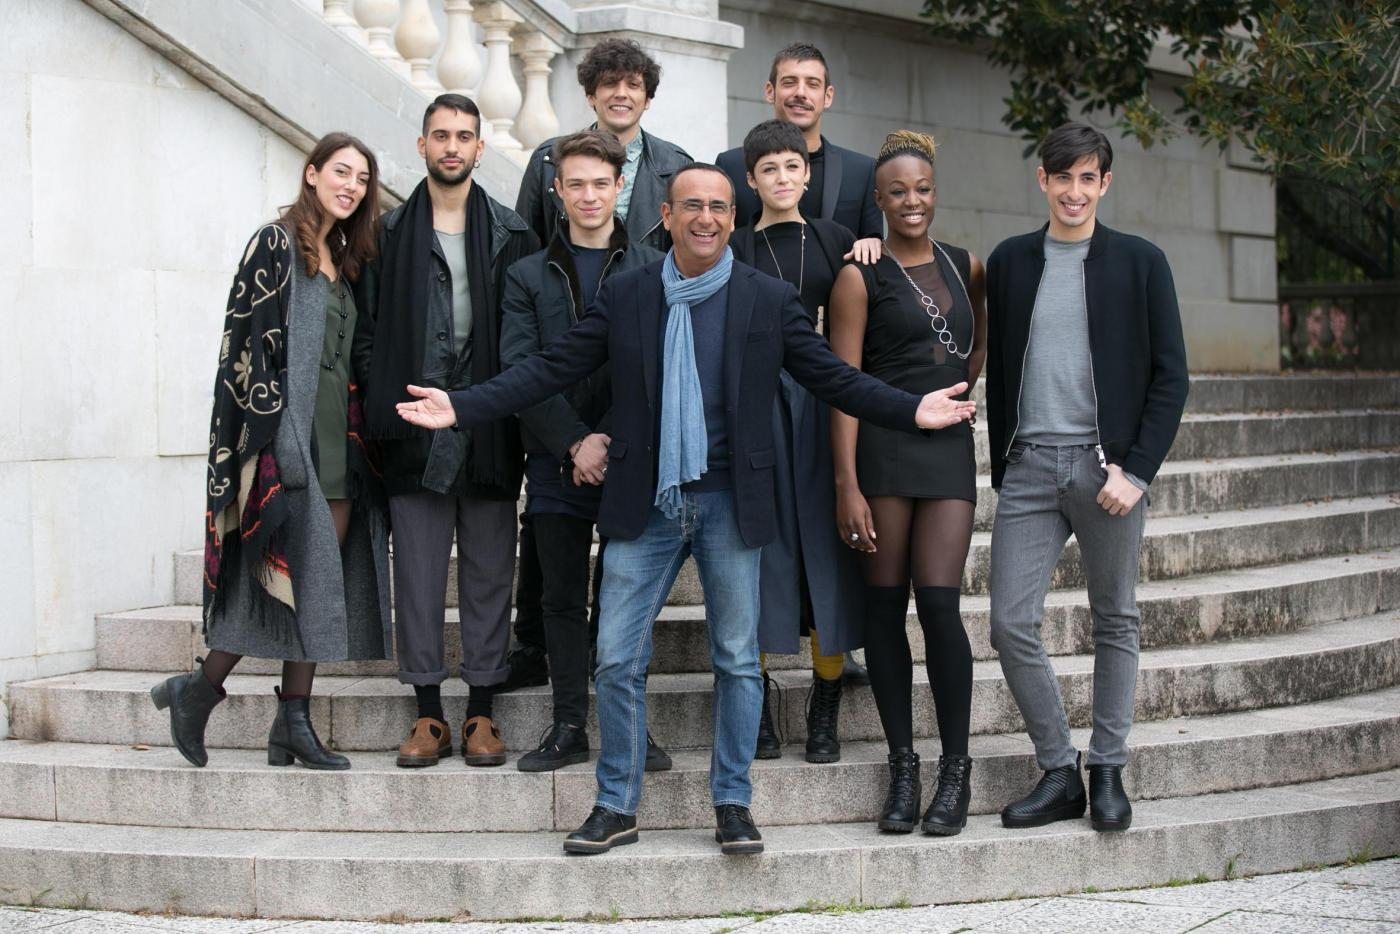 Sanremo 2016 giovani: i cantanti in gara nella sezione Nuove Proposte del Festival